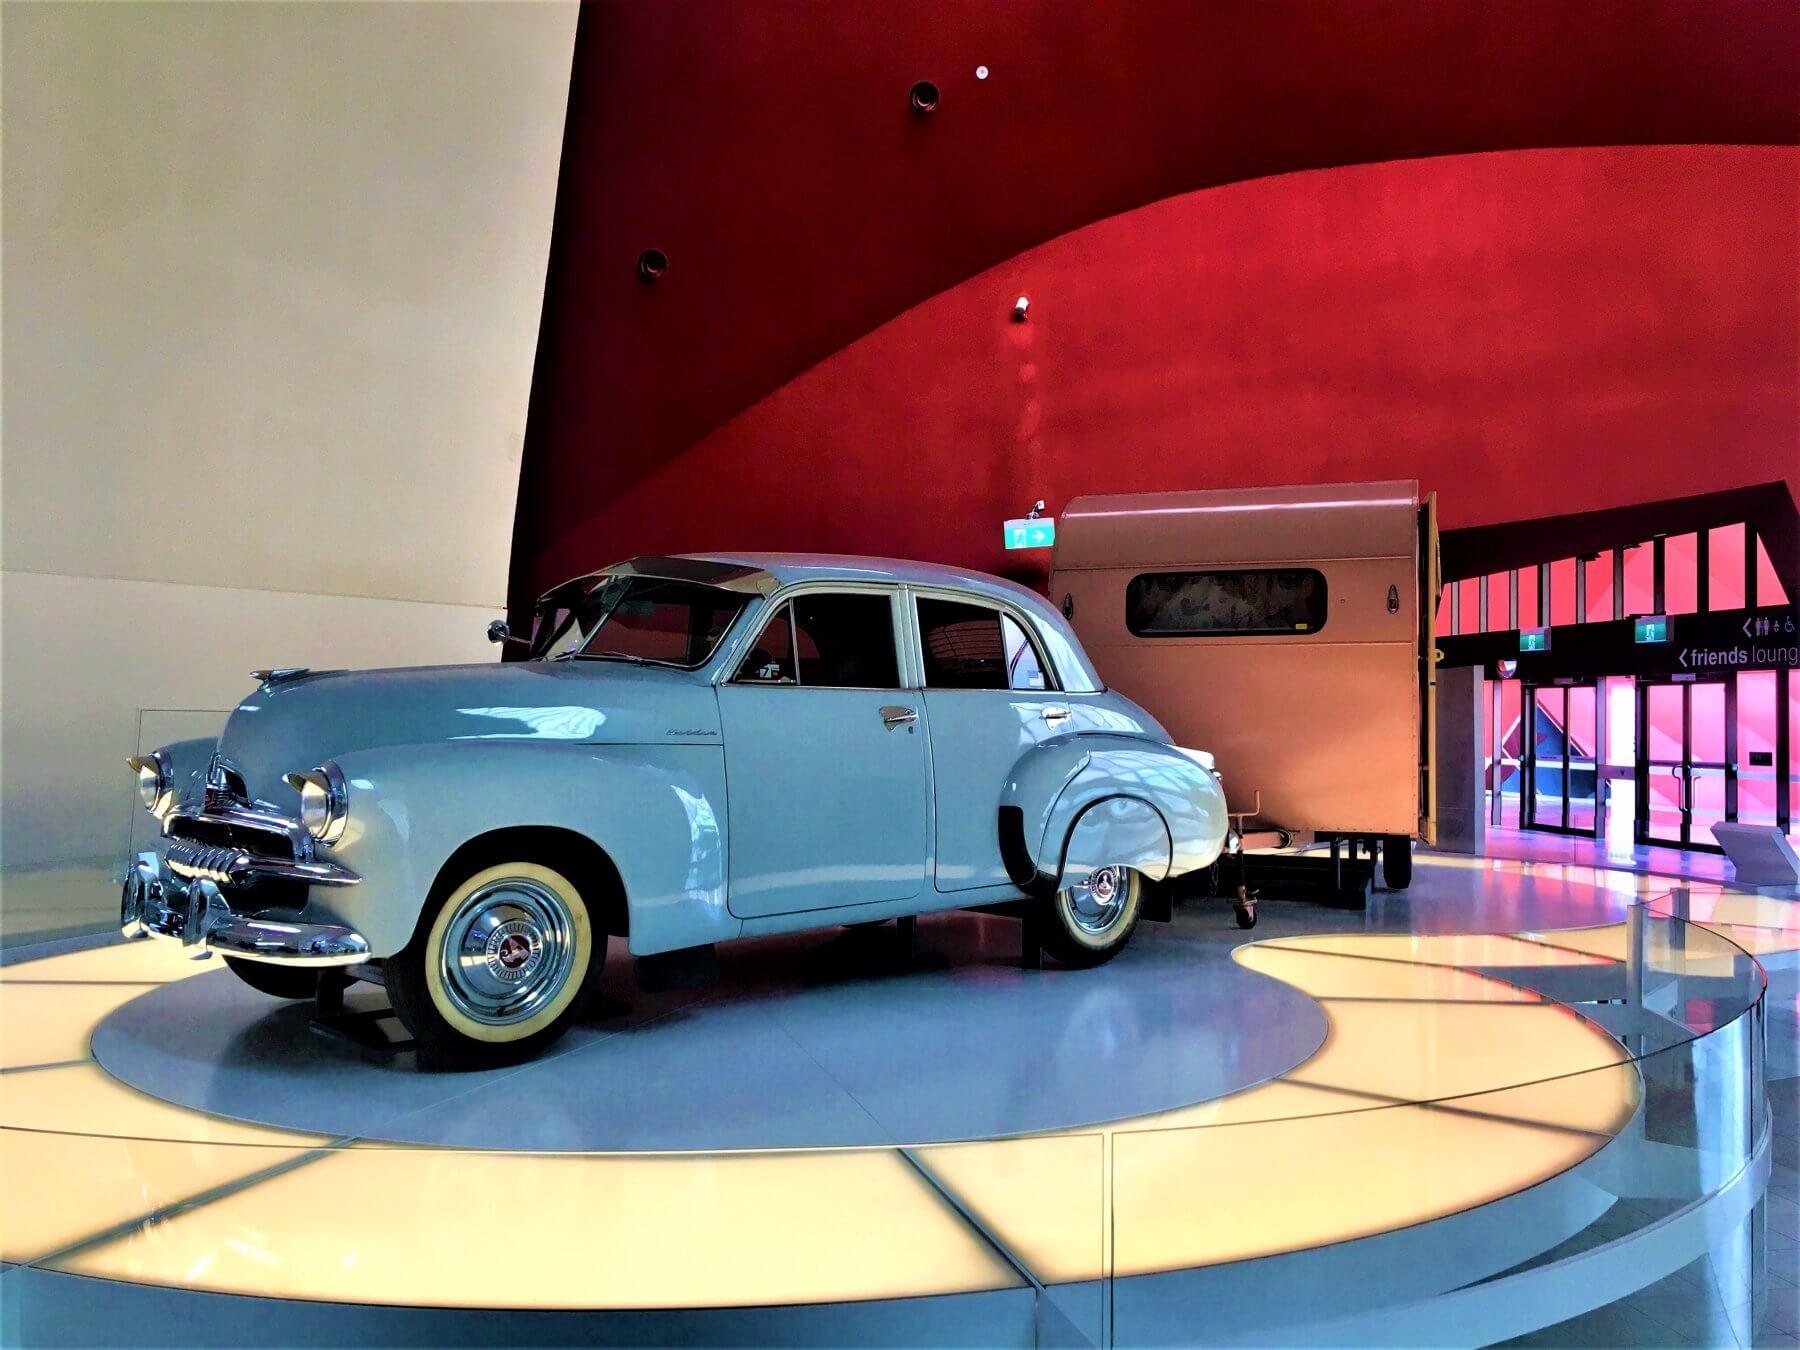 Canberra Sehenswürdigkeiten - Nationalmuseum